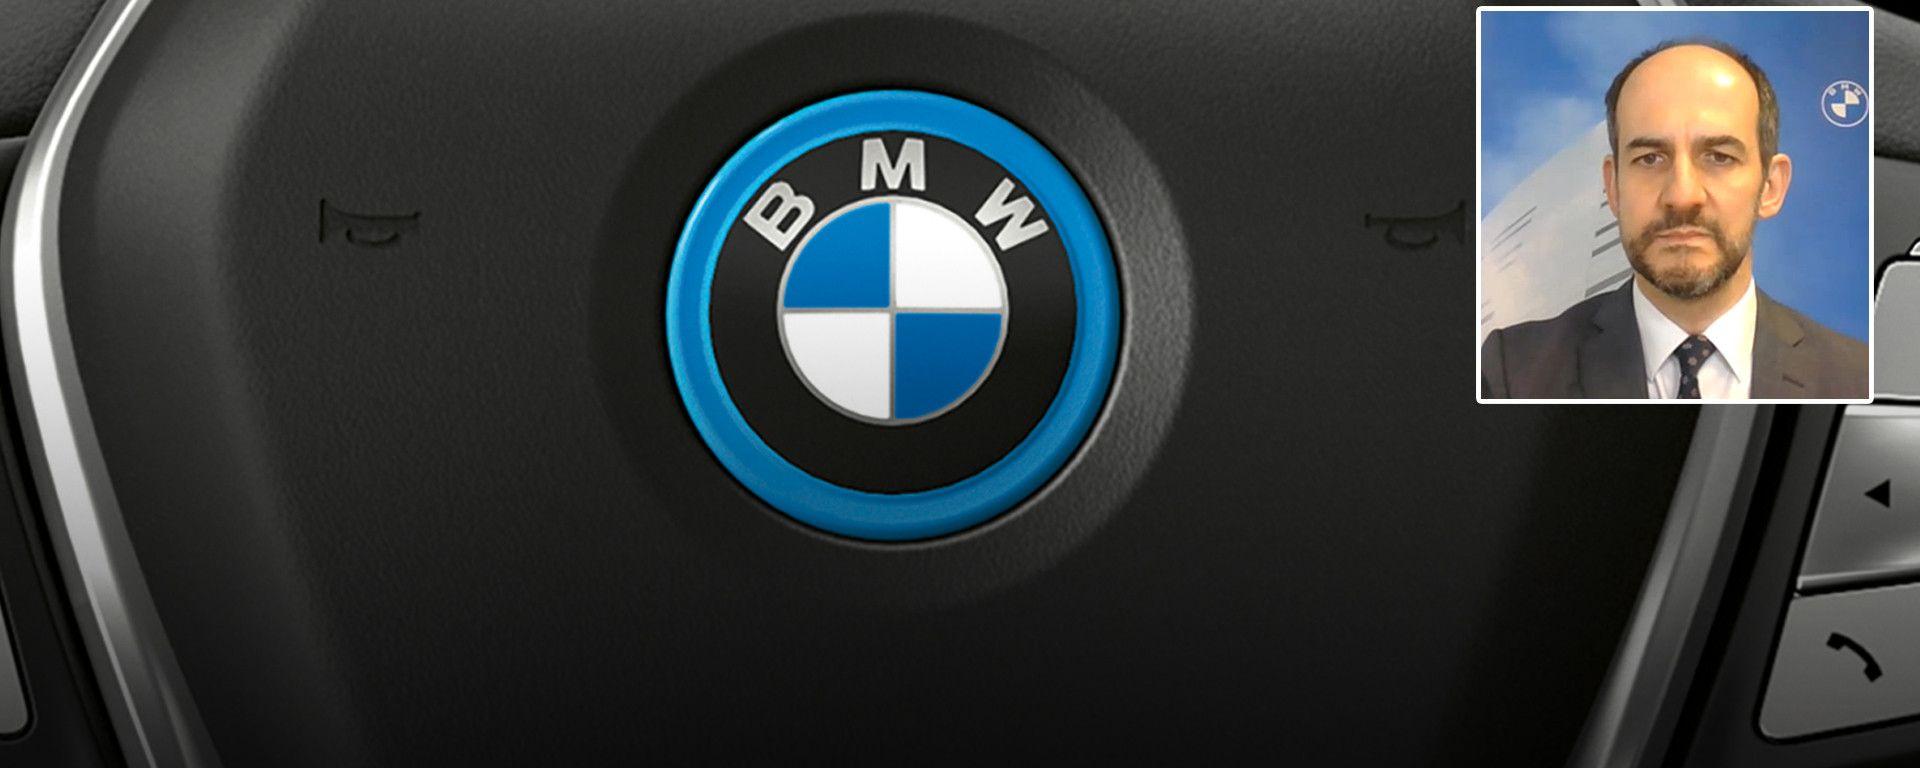 Roberto Olivi, Direttore Relazioni Istituzionali e Comunicazione BMW Group Italia